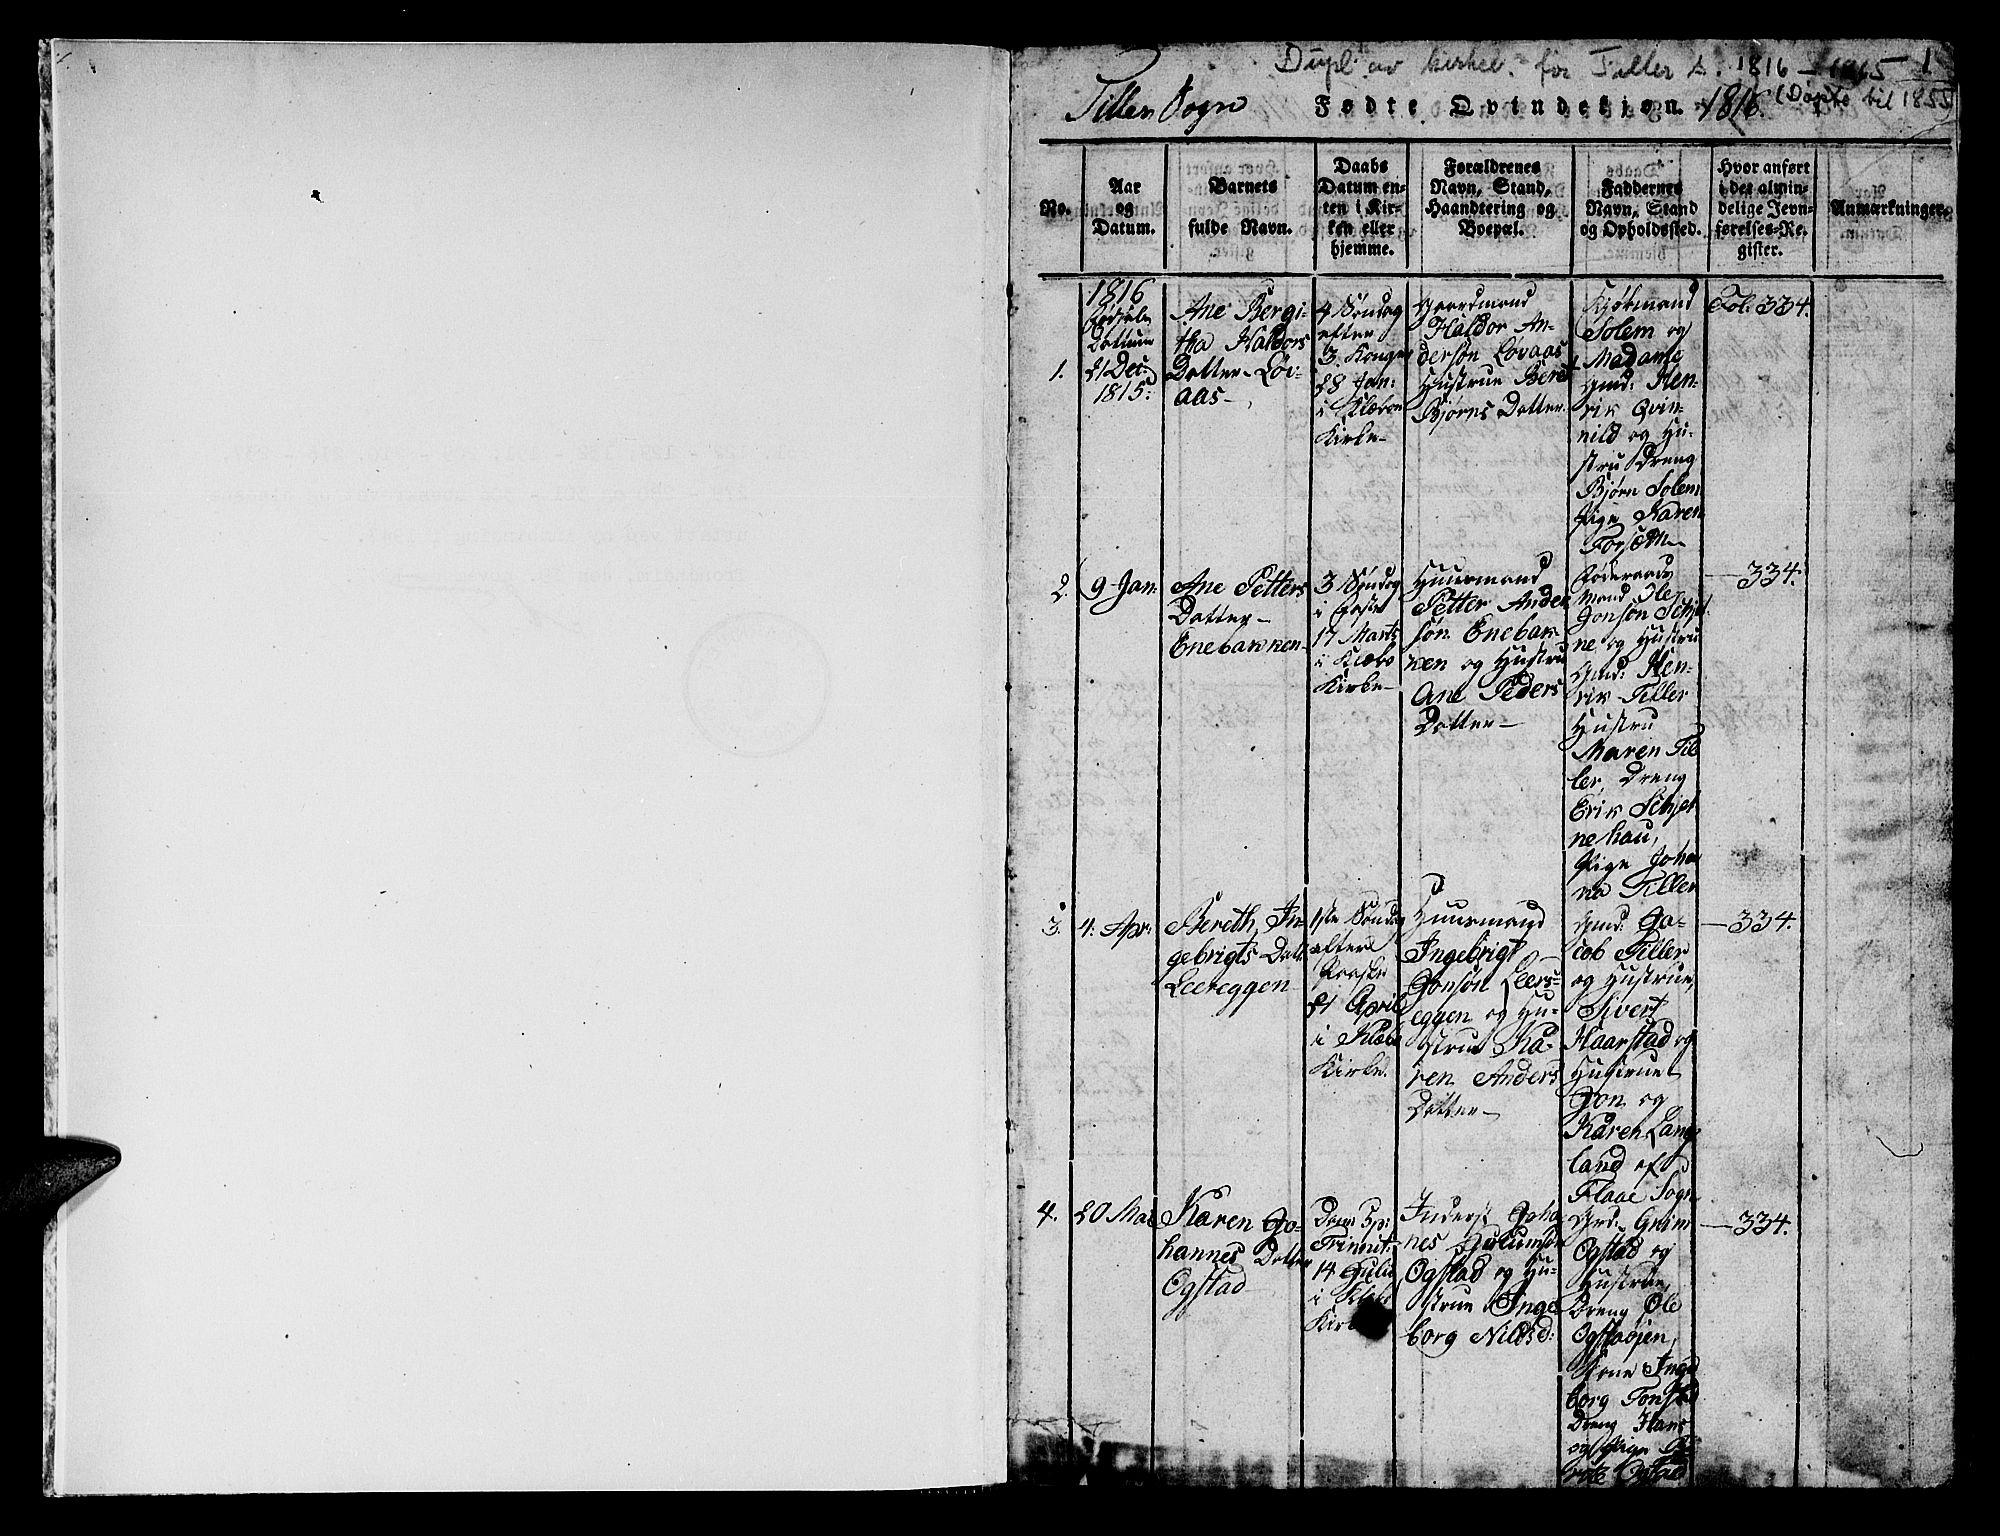 SAT, Ministerialprotokoller, klokkerbøker og fødselsregistre - Sør-Trøndelag, 621/L0458: Klokkerbok nr. 621C01, 1816-1865, s. 1